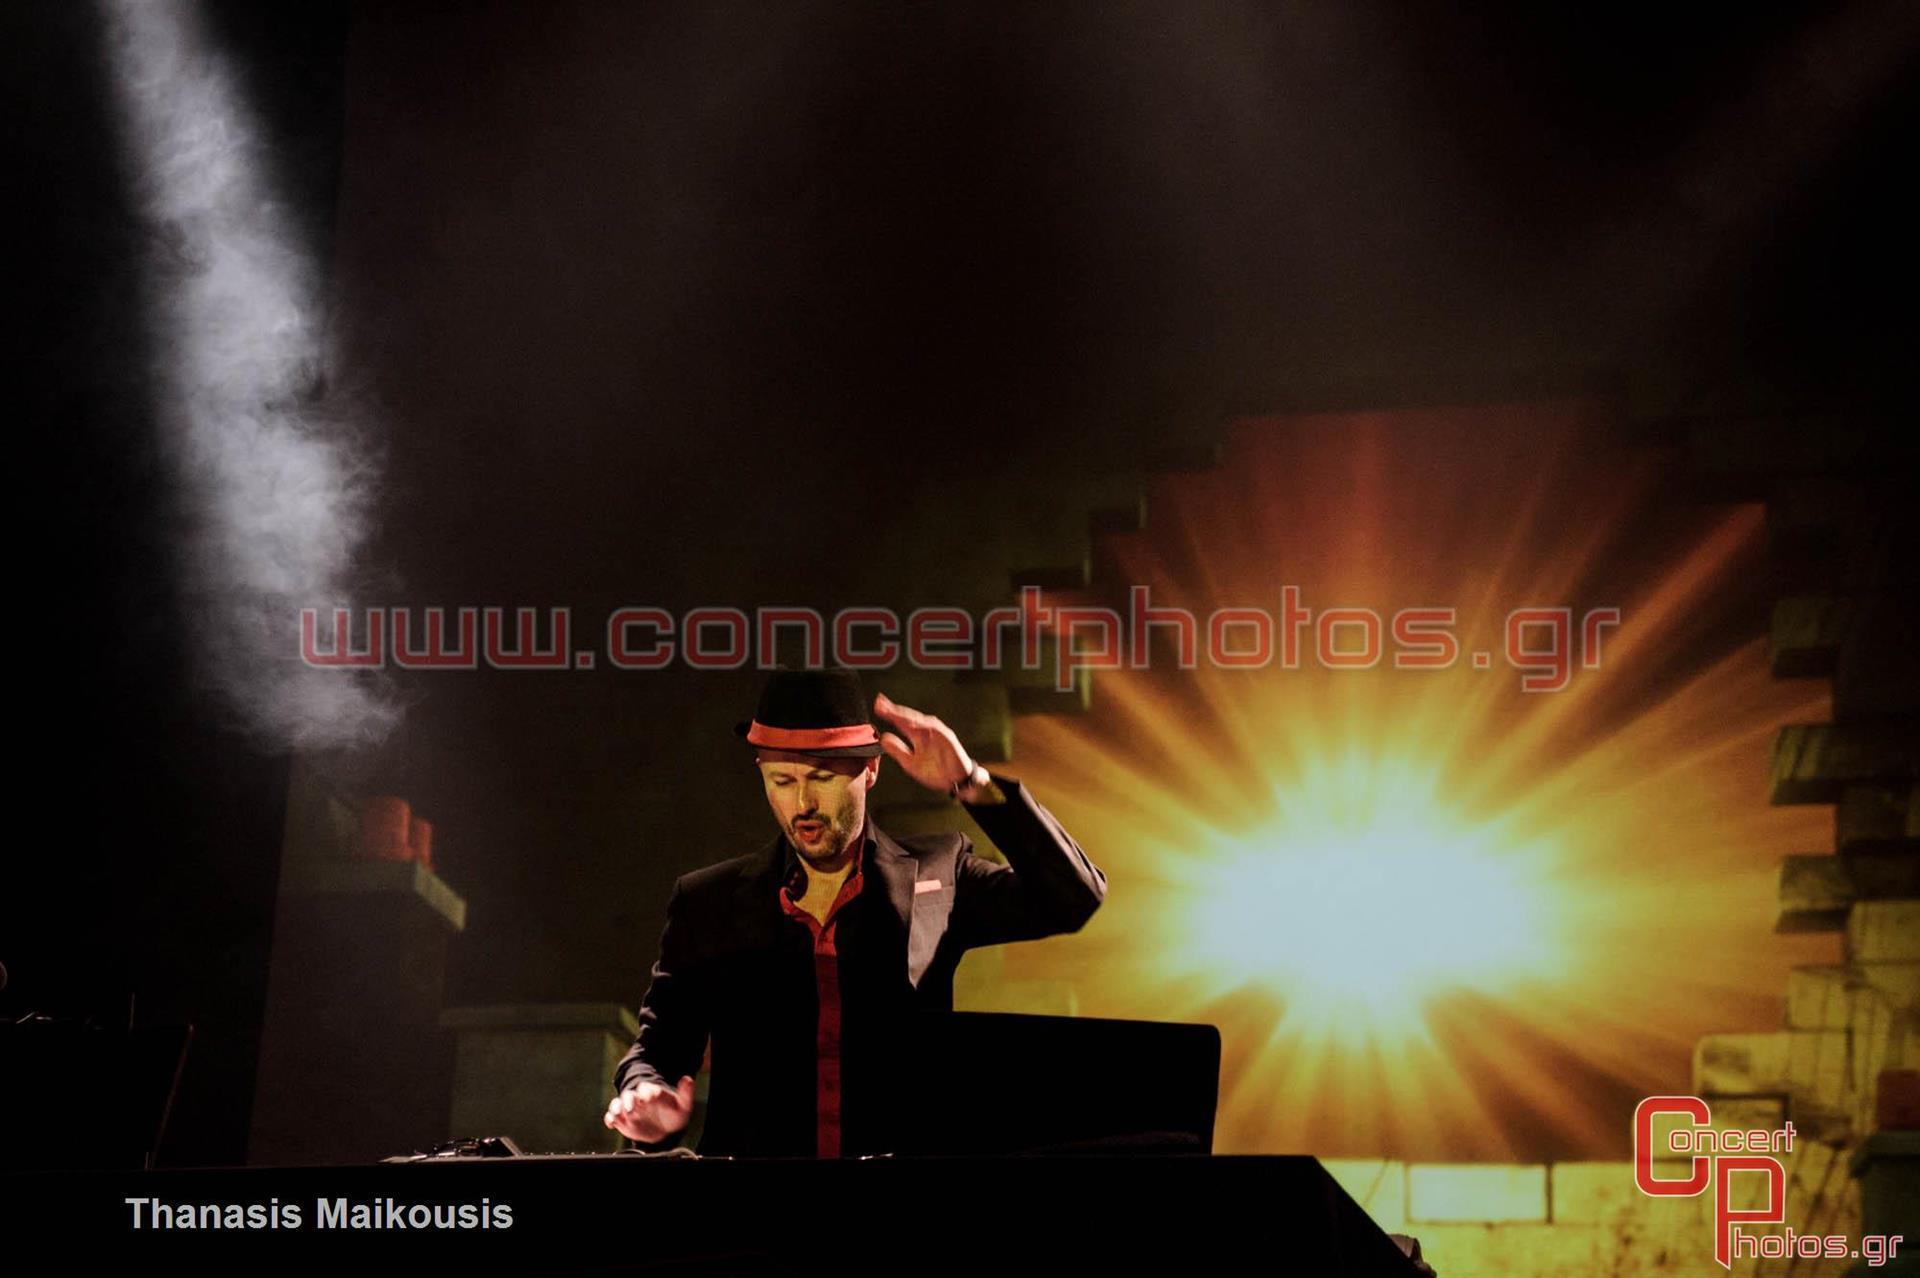 Wax Tailor - photographer: Thanasis Maikousis - ConcertPhotos-7650